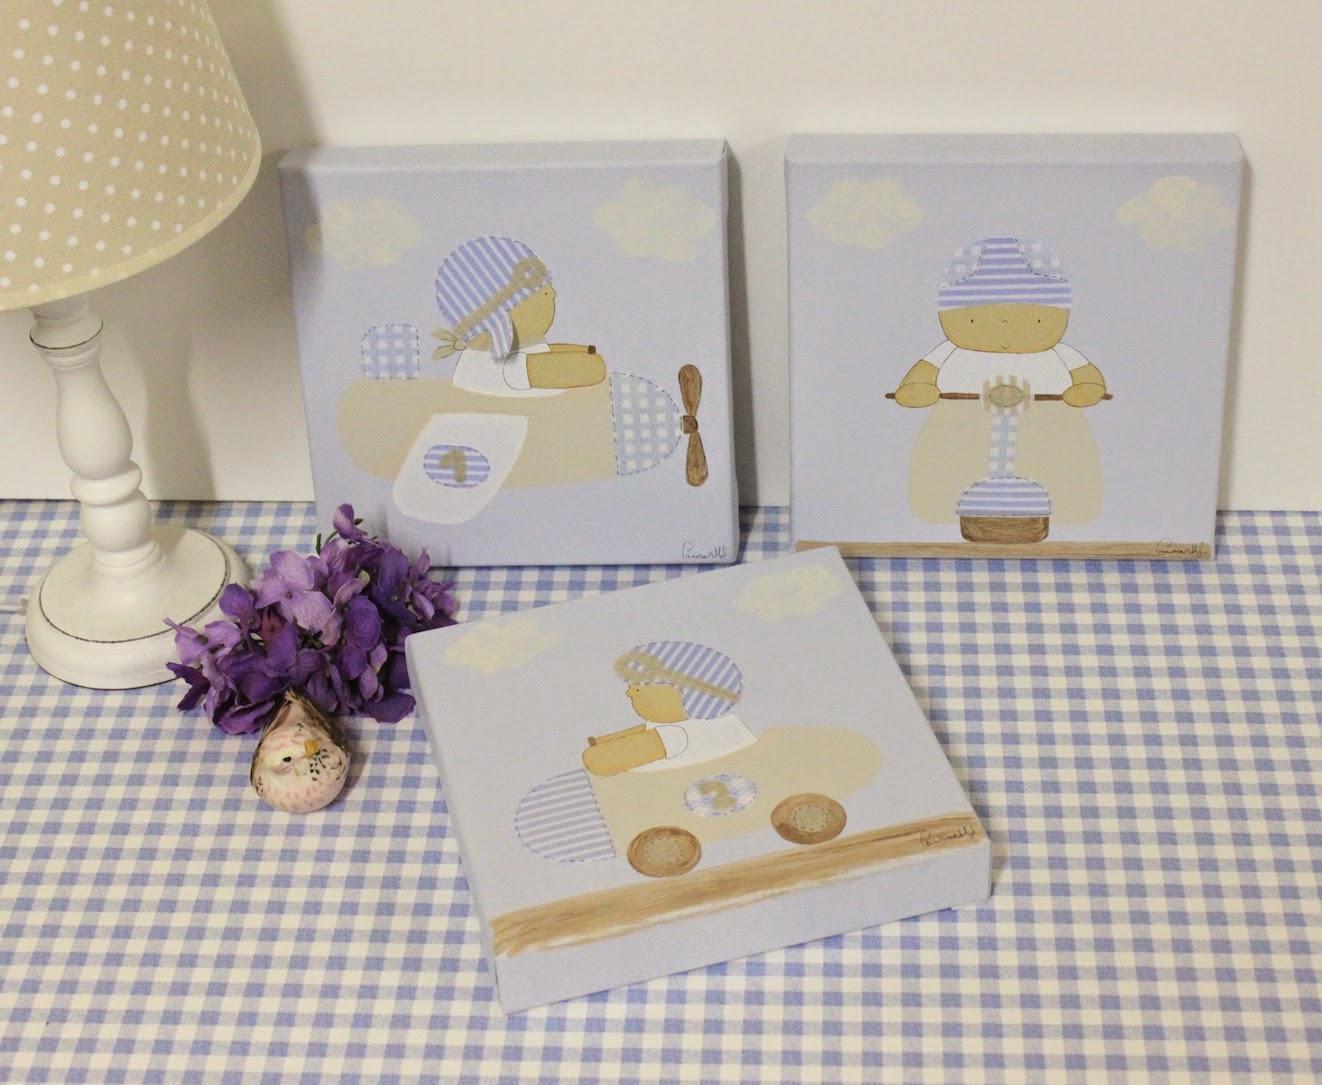 Decoraci n infantil personalizada cuadros infantiles - Cuadros fotos personalizados ...